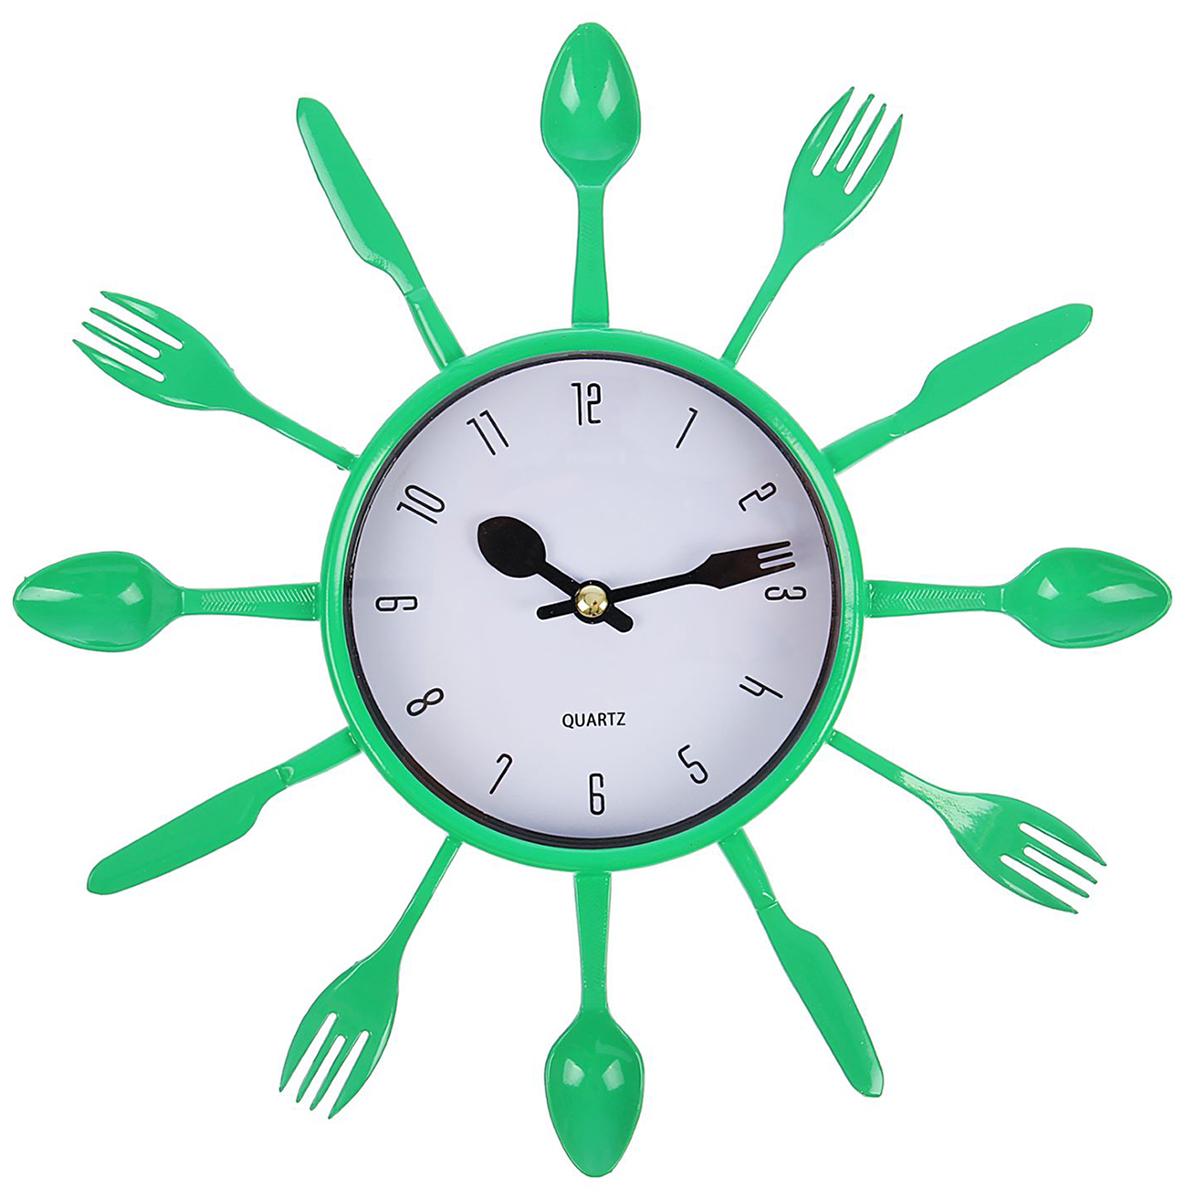 Часы настенные Столовые приборы. Вилки/ложки/ножи, цвет: зеленый, диаметр 25 см1588328Каждому хозяину периодически приходит мысль обновить свою квартиру, сделать ремонт, перестановку или кардинально поменять внешний вид каждой комнаты. Часы настенные кухонные Столовые приборы, d=25 см, зеленые — привлекательная деталь, которая поможет воплотить вашу интерьерную идею, создать неповторимую атмосферу в вашем доме. Окружите себя приятными мелочами, пусть они радуют глаз и дарят гармонию.Часы настенные Столовые приборы, вилки/ложки/ножи зеленые, белый циферблат d=25см 1588328